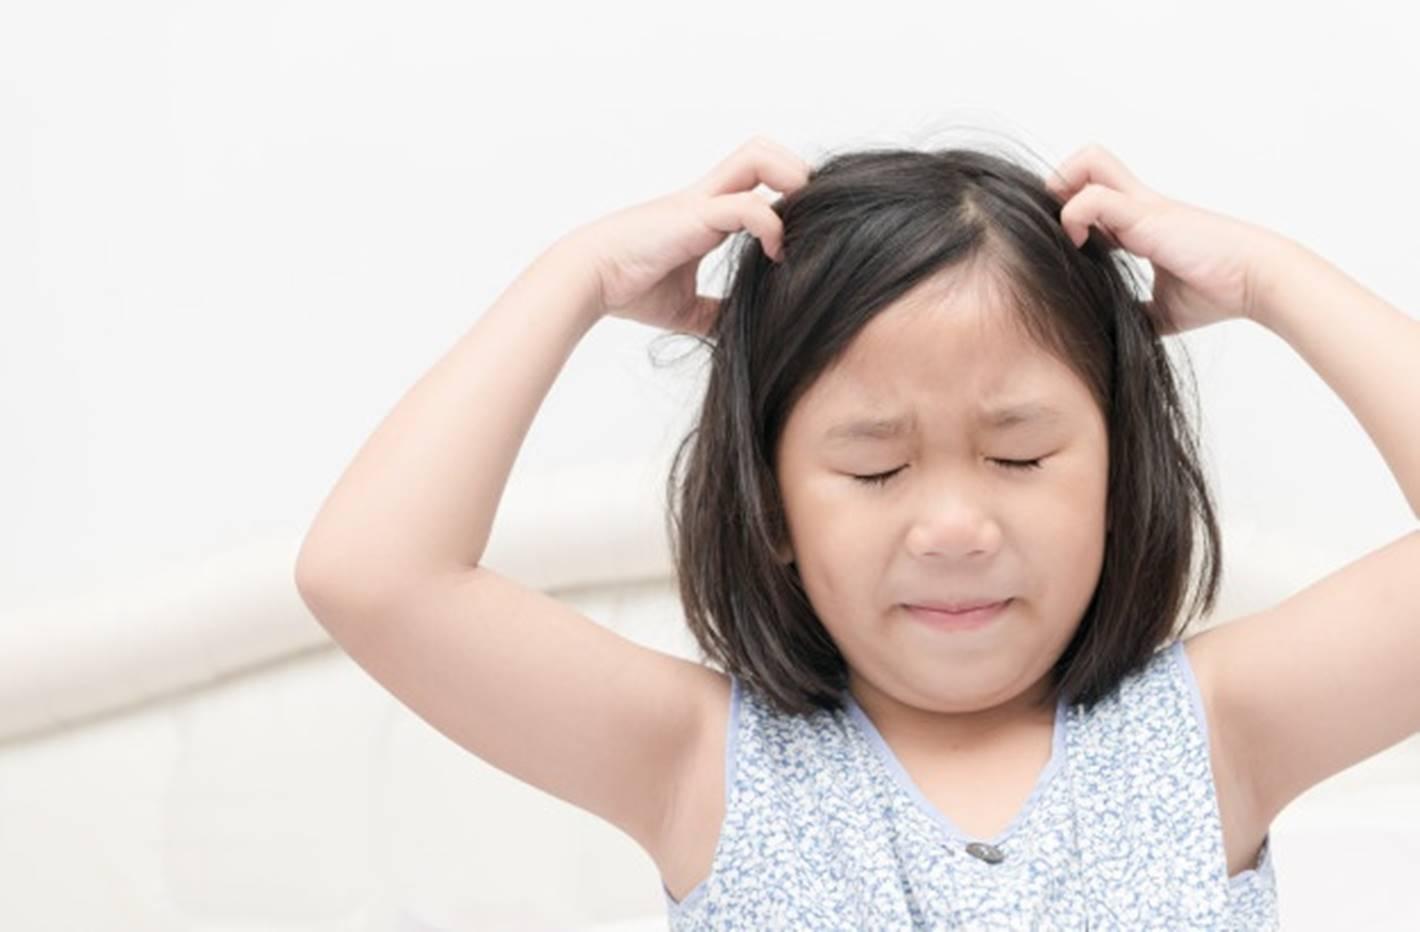 Prepare esta infusão de arruda para remover os piolhos e lêndeas do cabelo